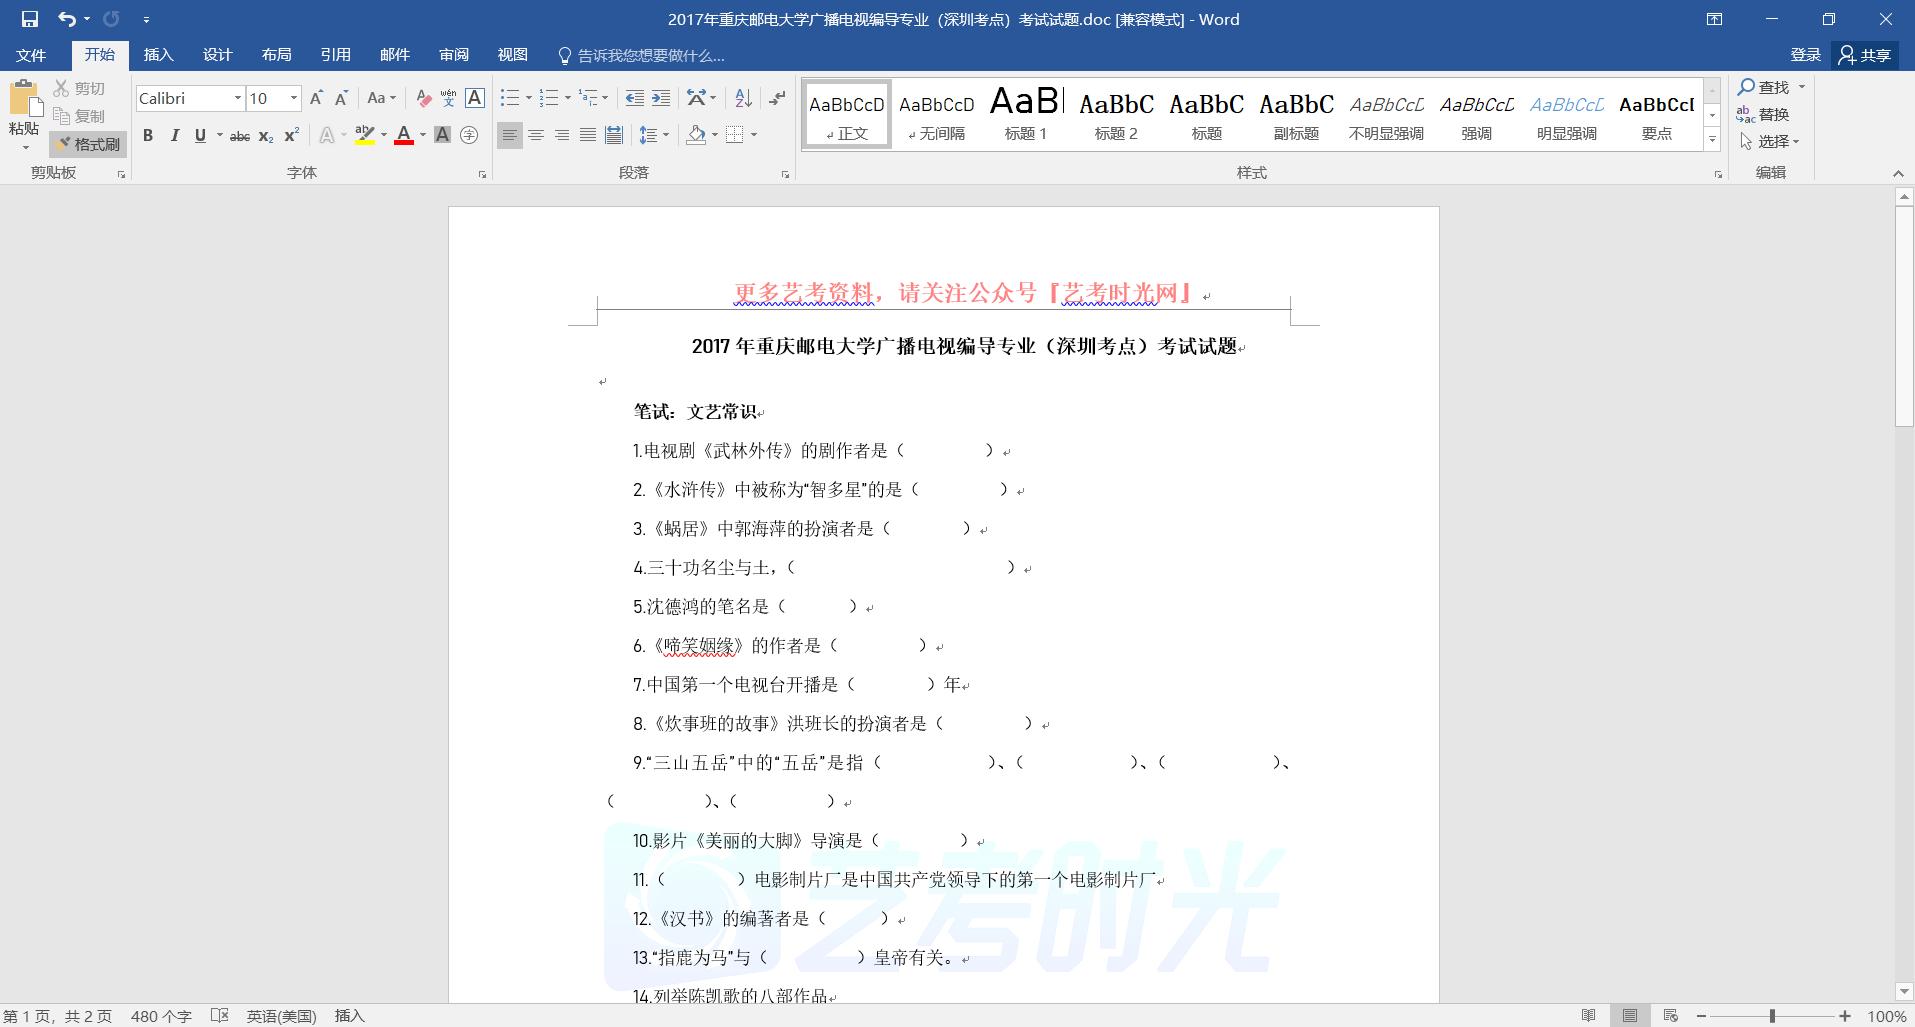 2017年重庆邮电大学广播电视编导专业试题(含答案)